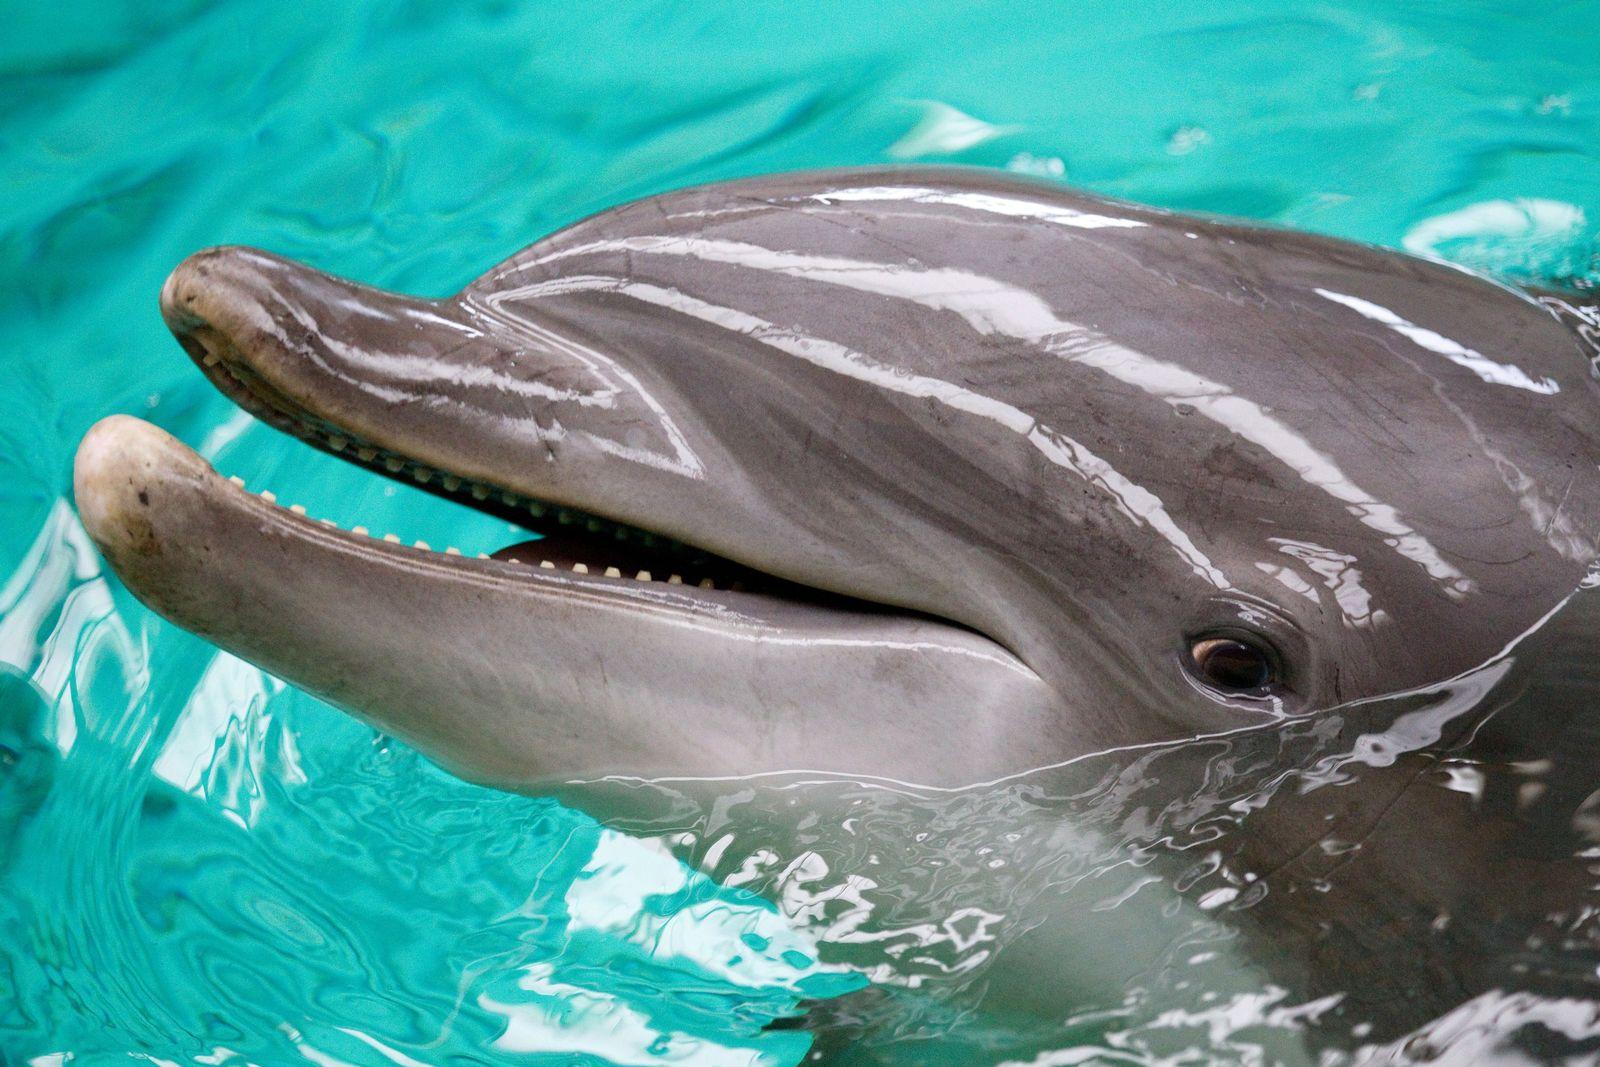 Delfinarium im Zoo Münster schließt 2012